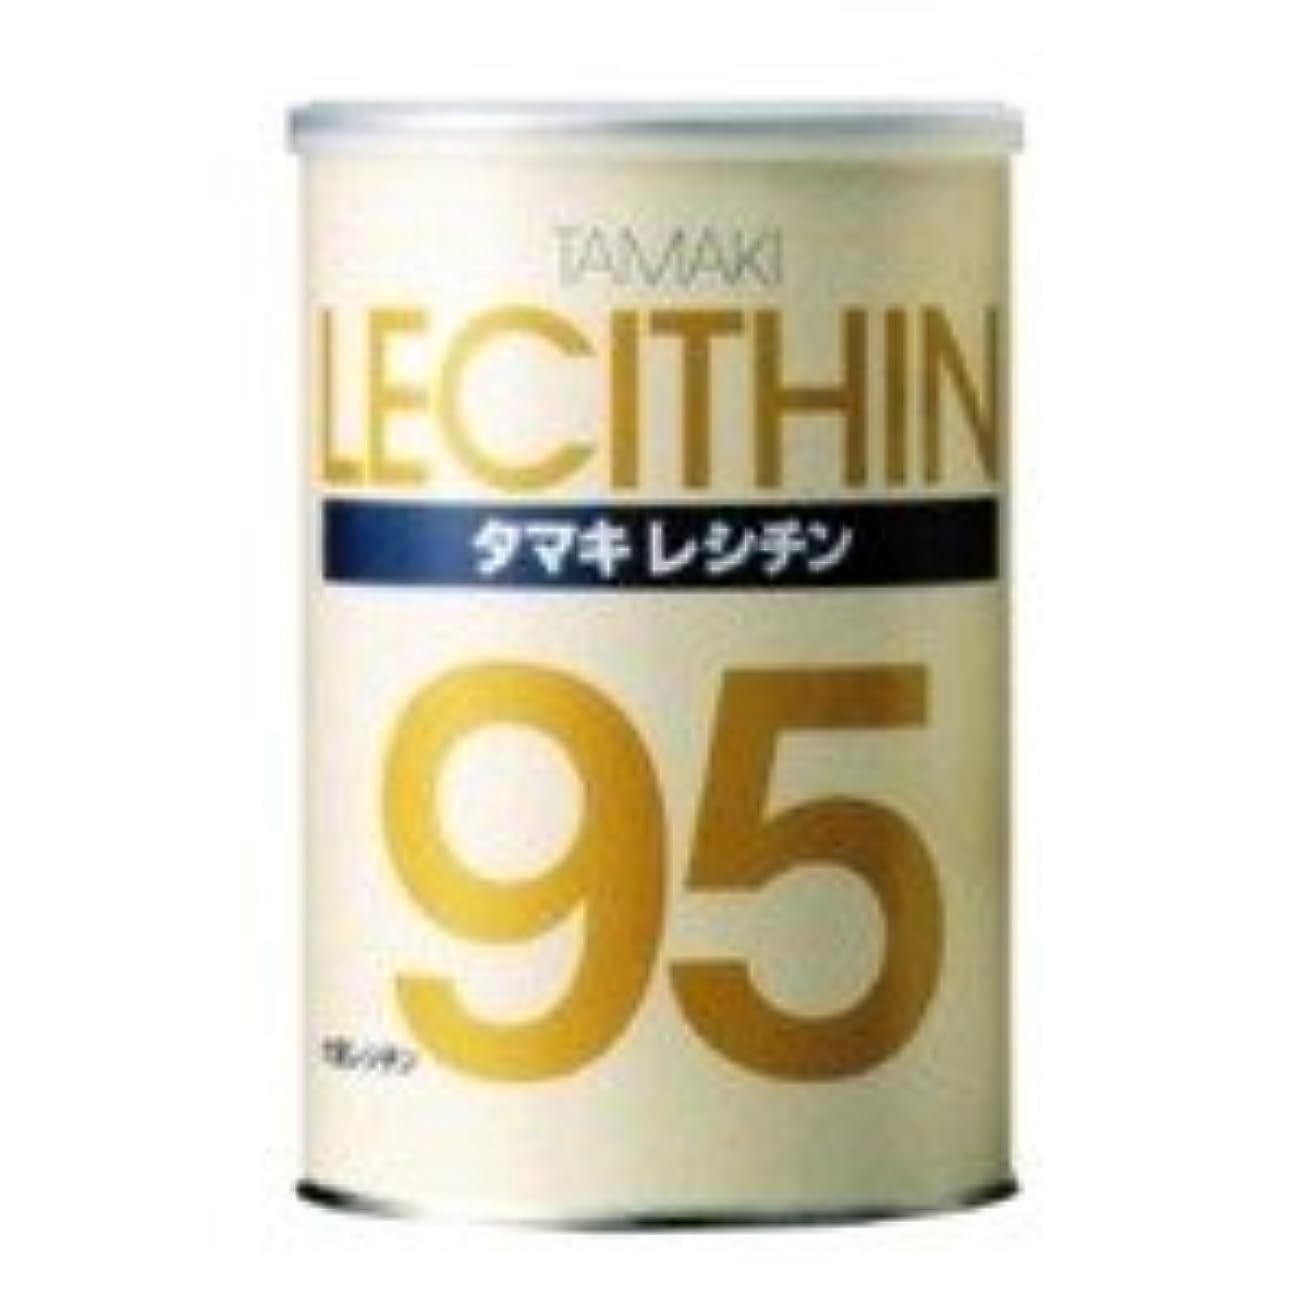 招待疎外凍結玉樹 レシチン 500g